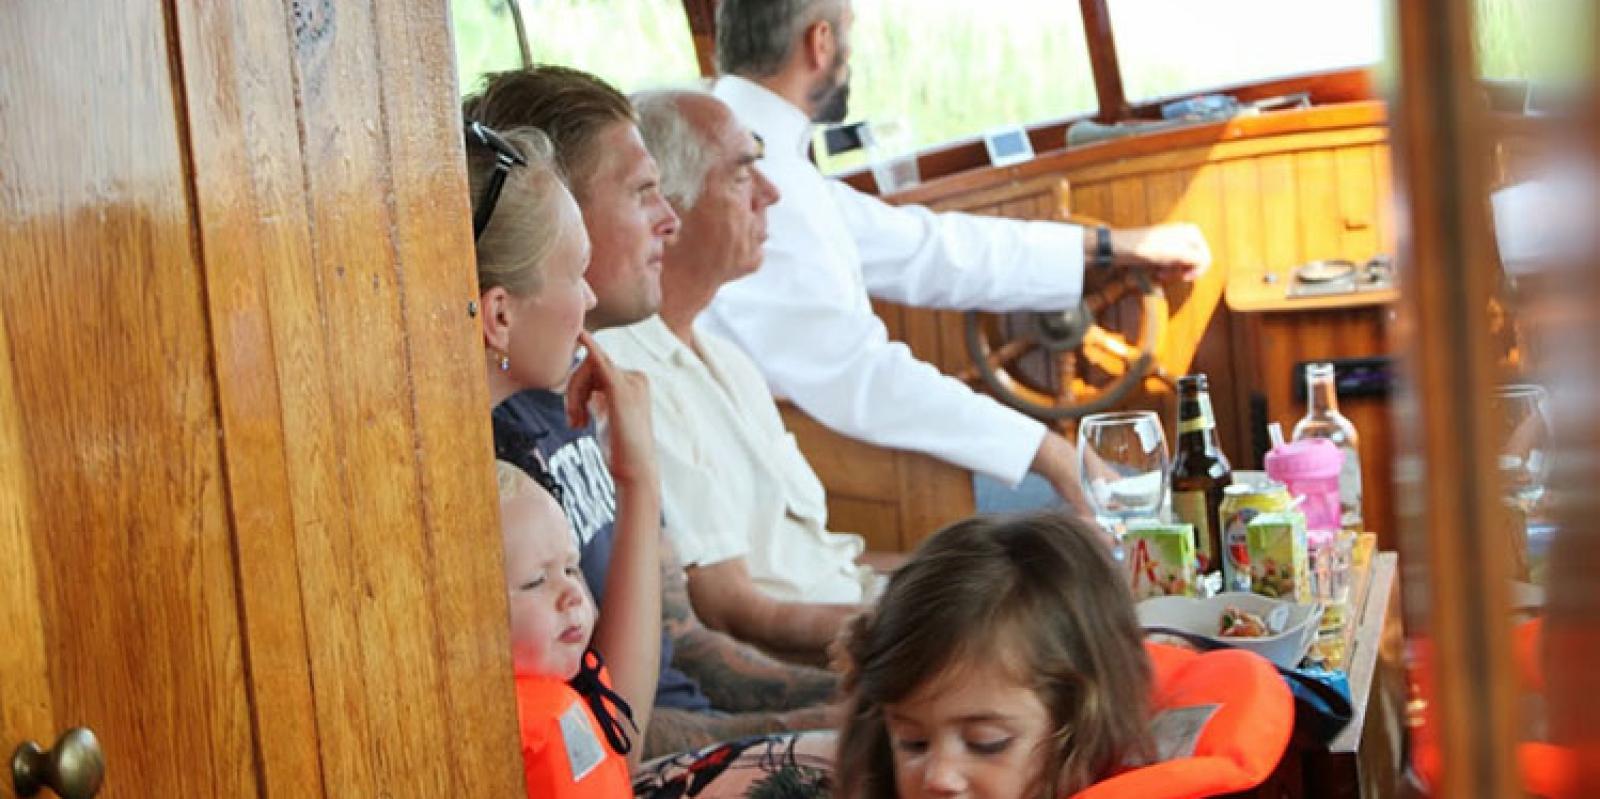 Children Private Boat Amsterdam